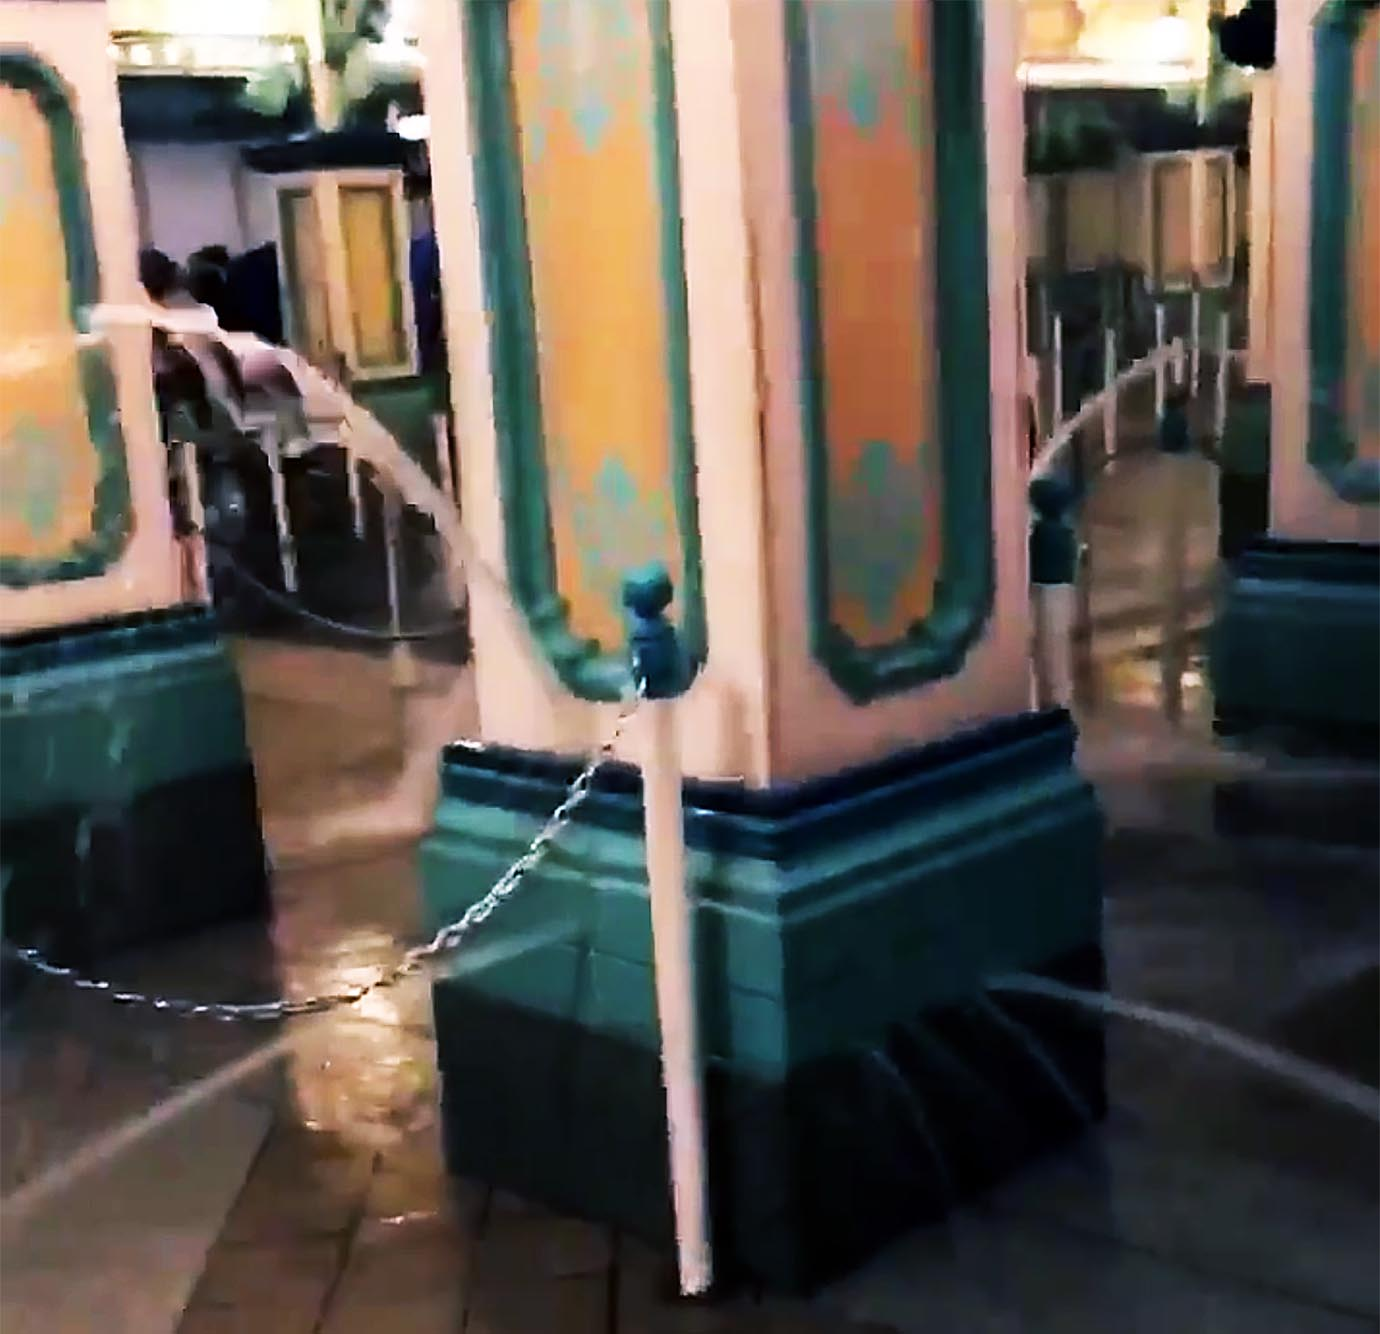 緊急事態】東京ディズニーランドが豪雨で崩壊 / 強烈な勢いで水が噴出